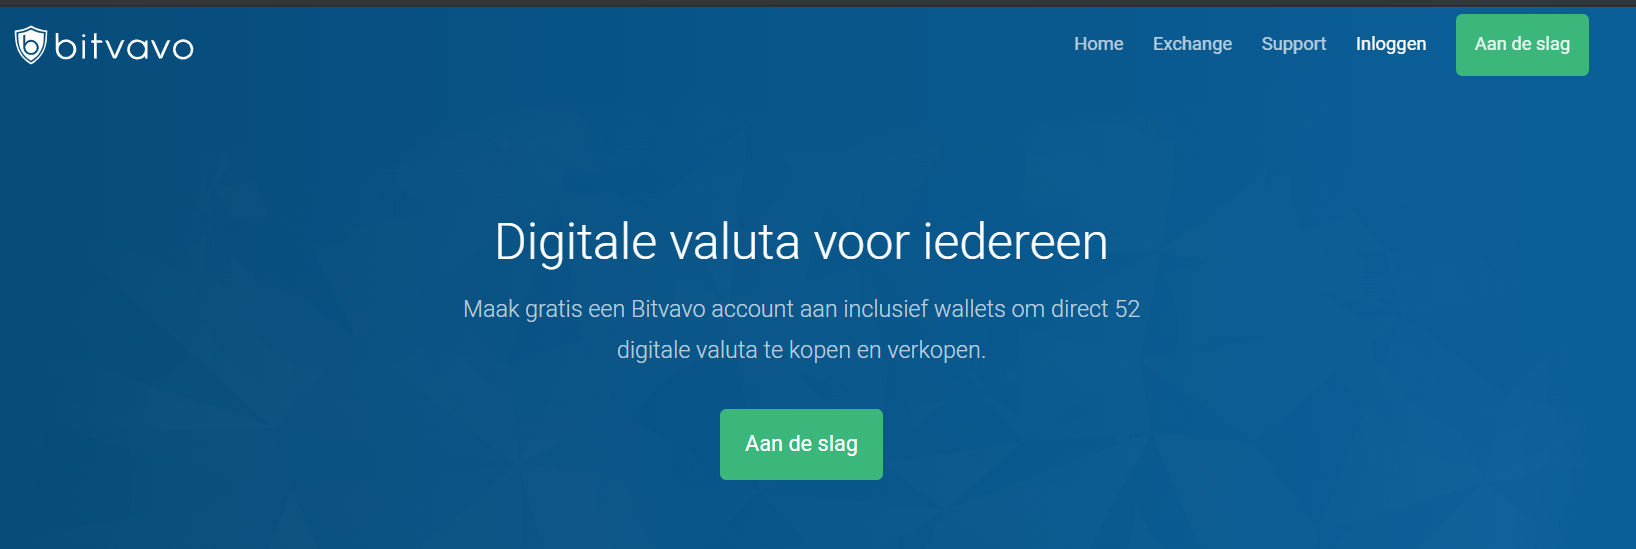 Stap 1 ga naar website Bitvavo